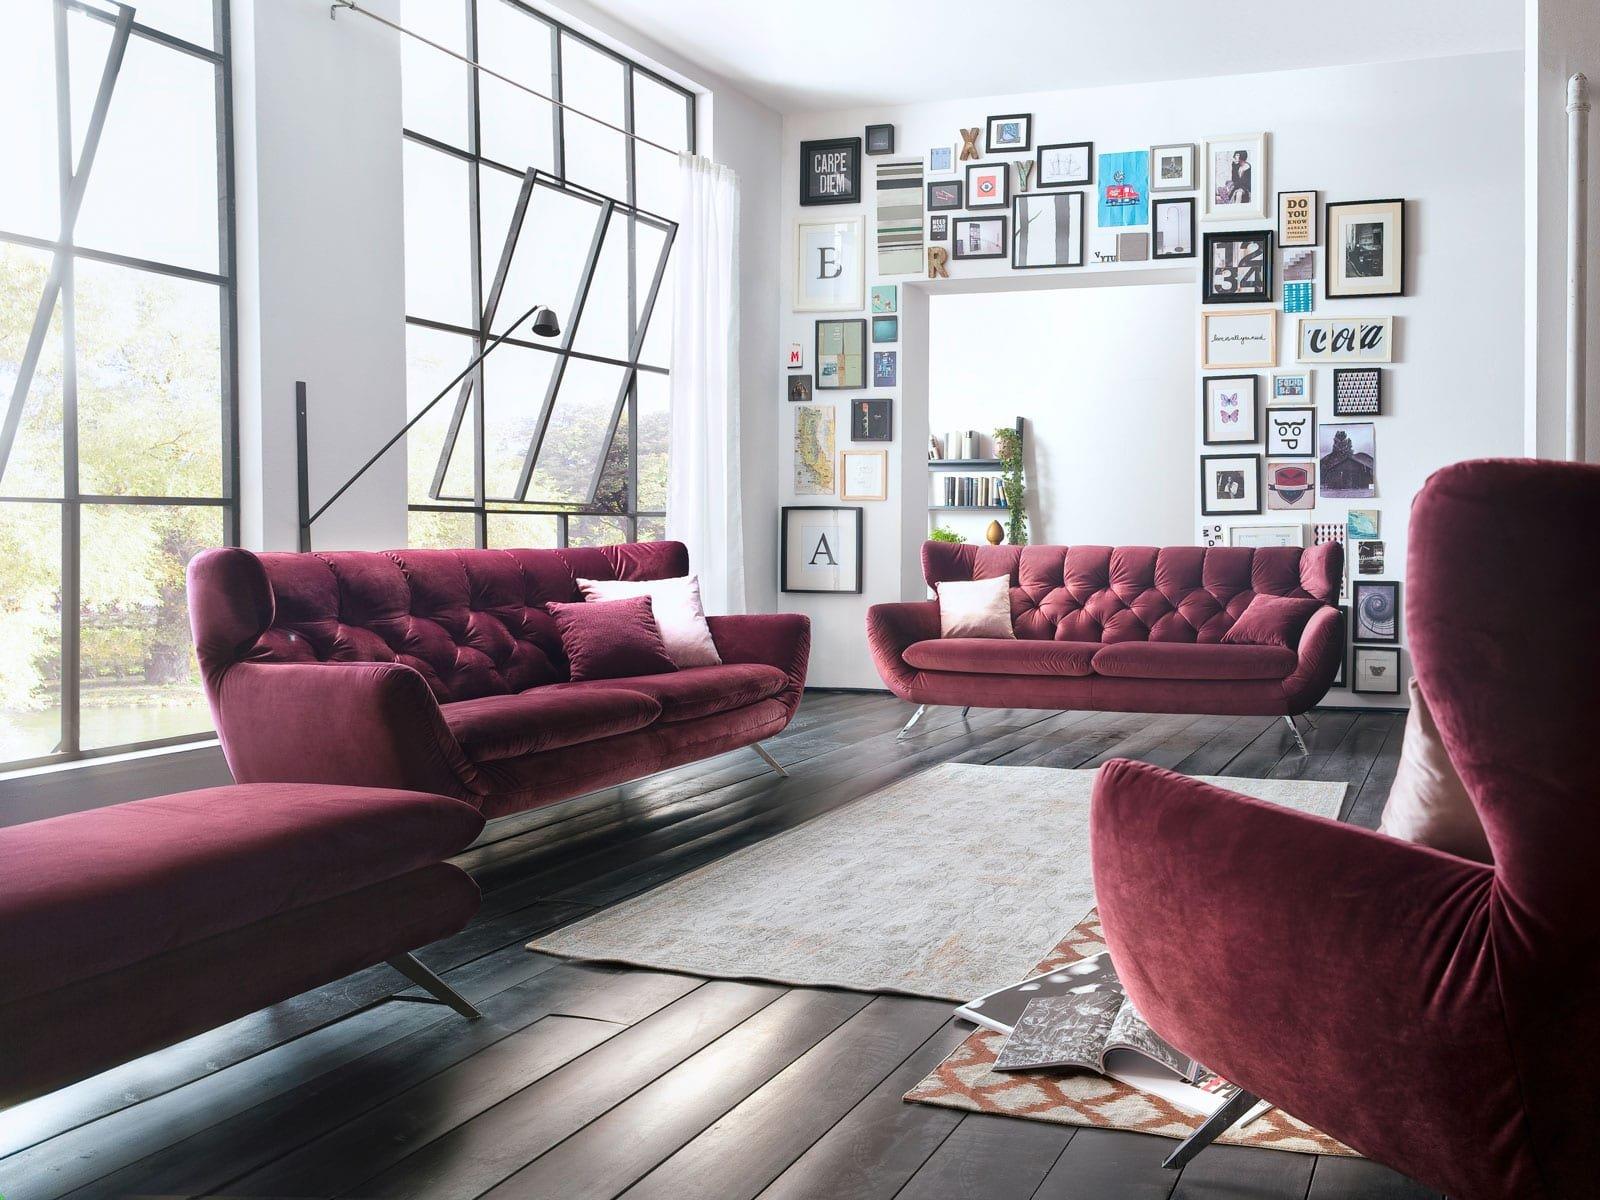 Full Size of Designer Chesterfield Couch Garnitur 3 2 1 Sofa Set Candy Sixty Boxspring Landhaus Barock 2er Grau Weiß Sitzer Teilig Ektorp Zweisitzer Neu Beziehen Lassen Sofa Sofa Garnitur